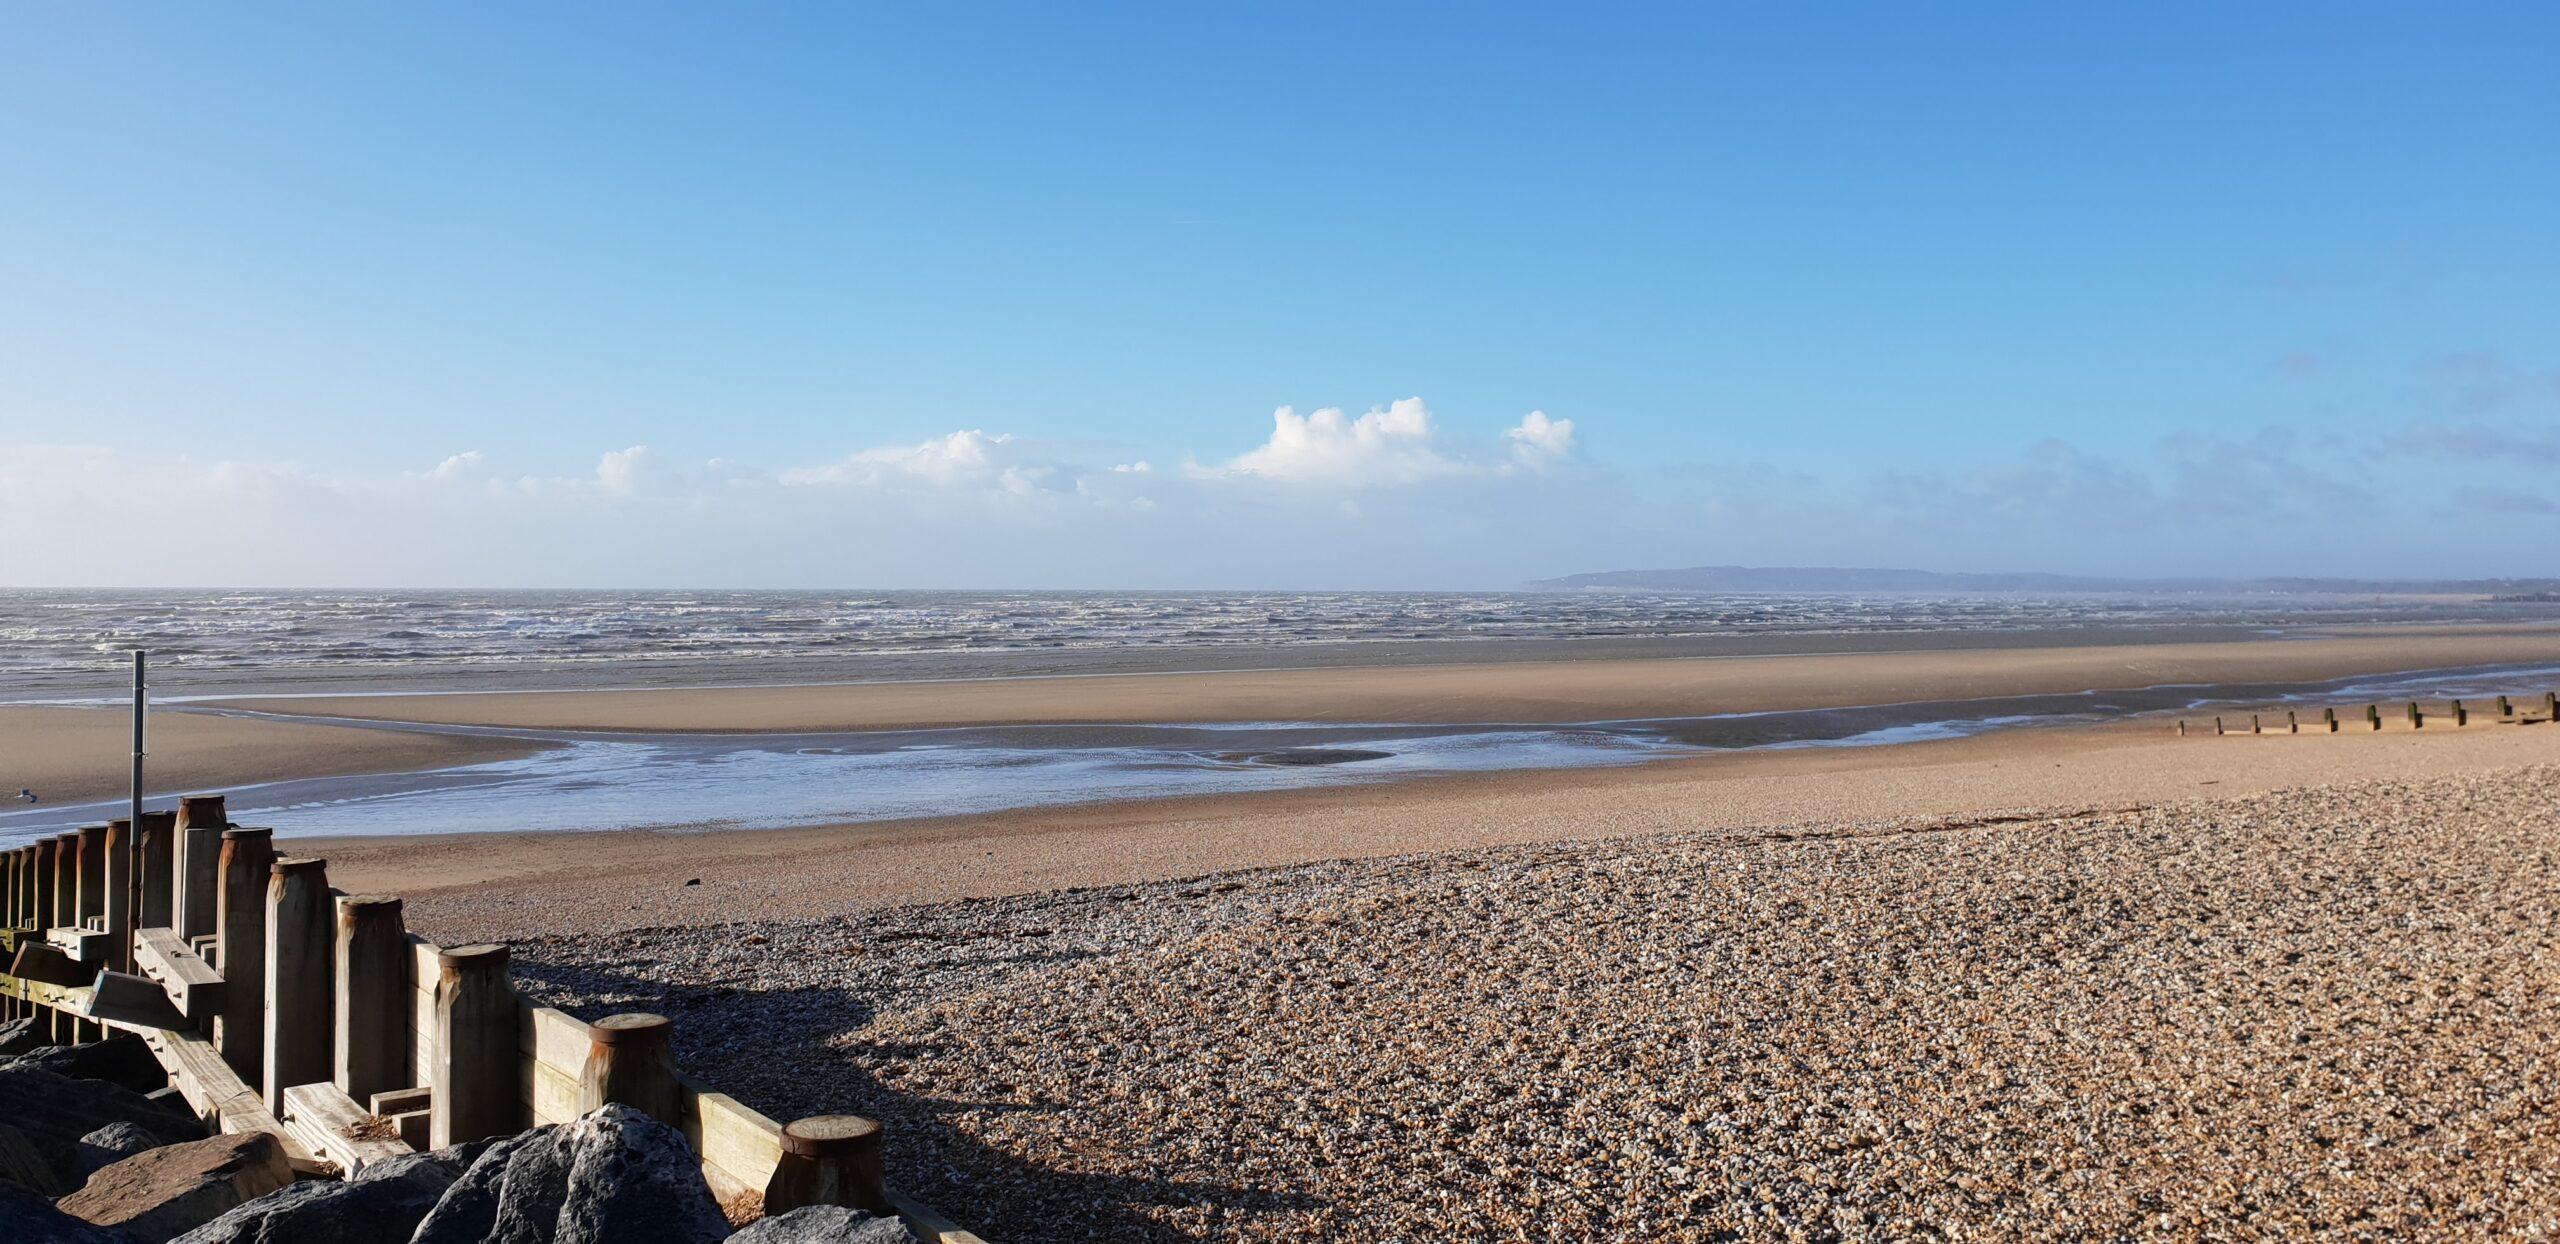 Beach with groynes